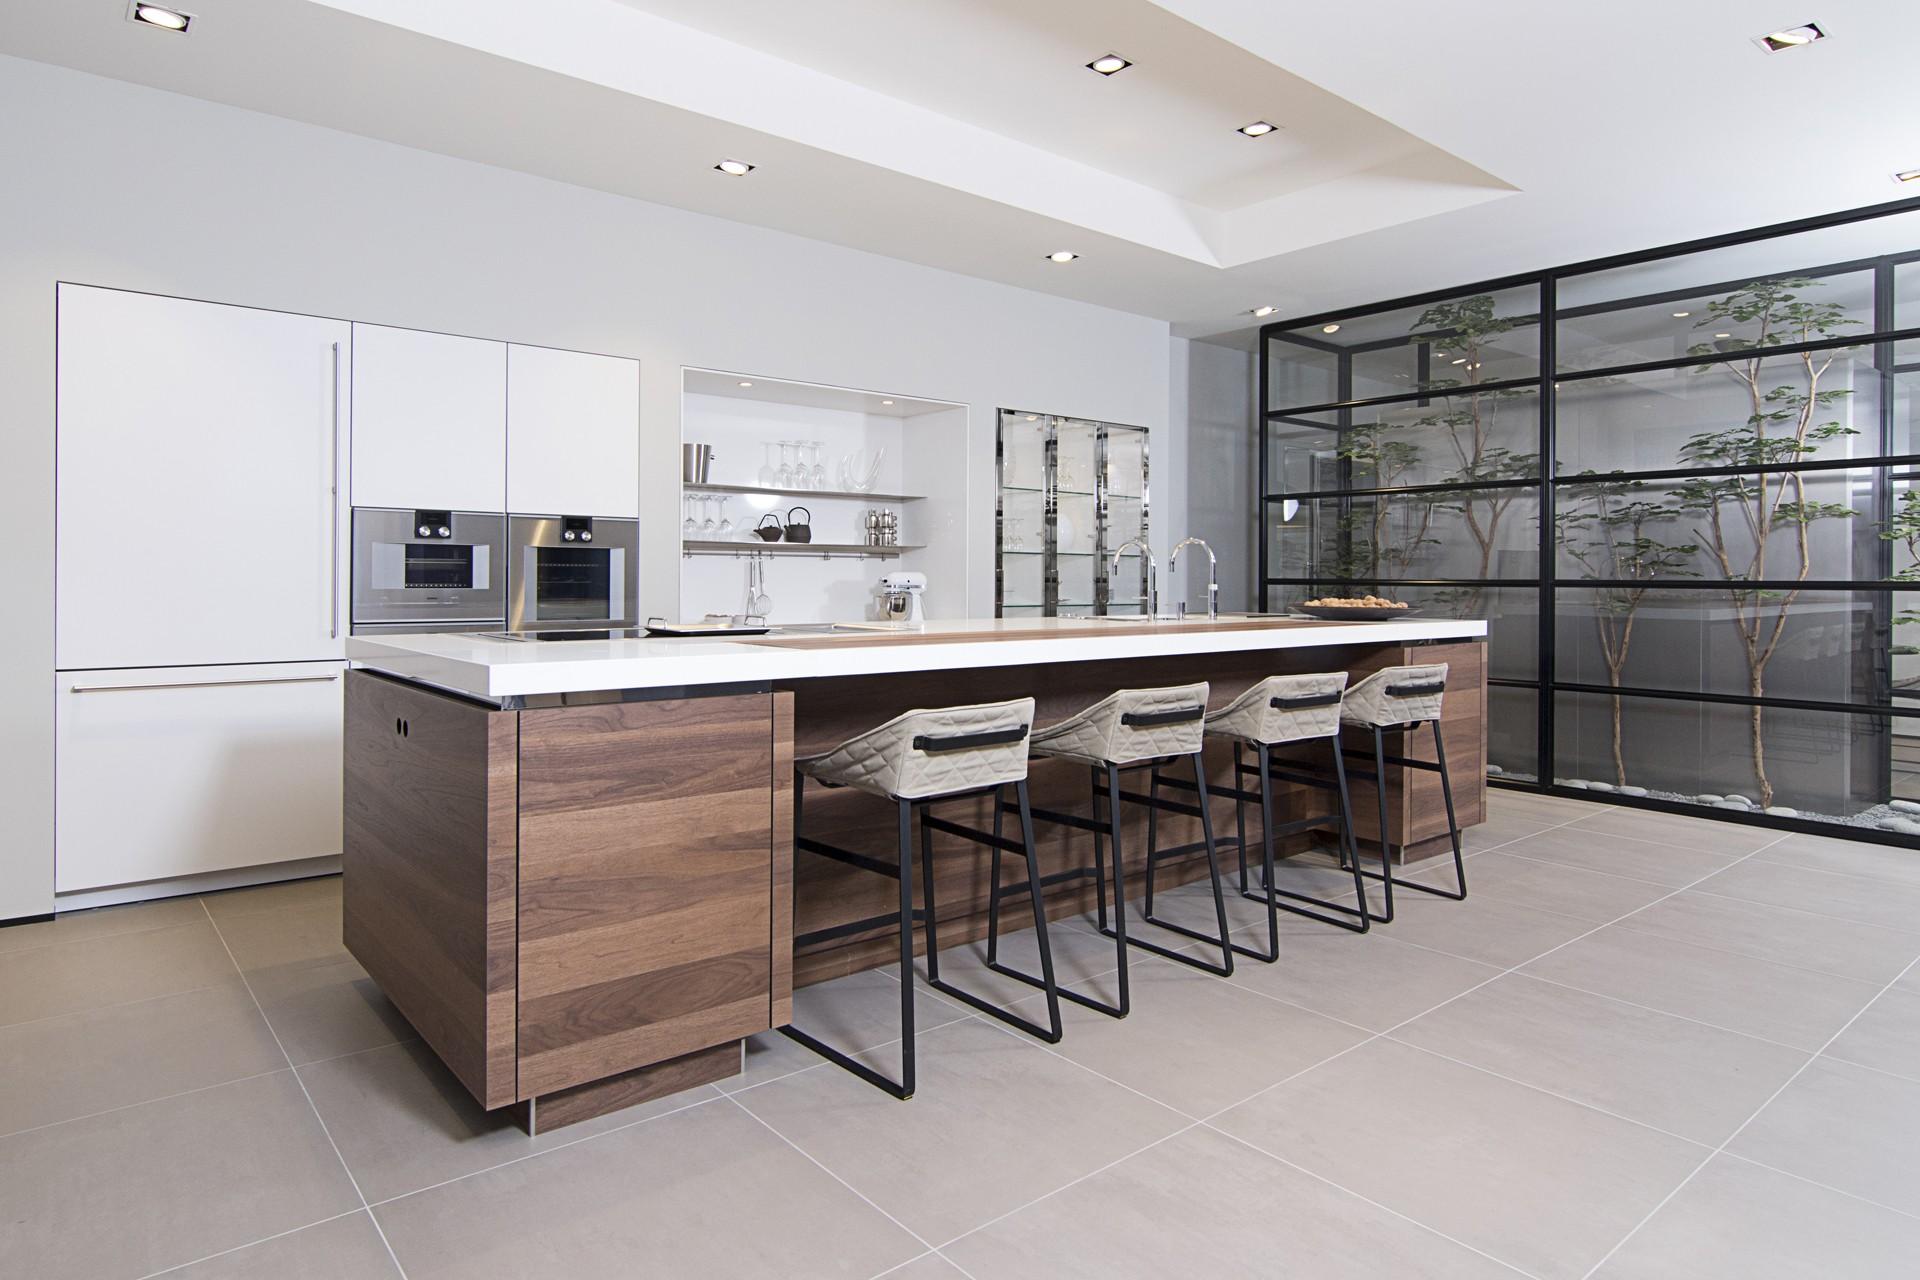 het grote keuken topic verkopers kwaliteit prijs deel 3 wonen verbouwen got. Black Bedroom Furniture Sets. Home Design Ideas